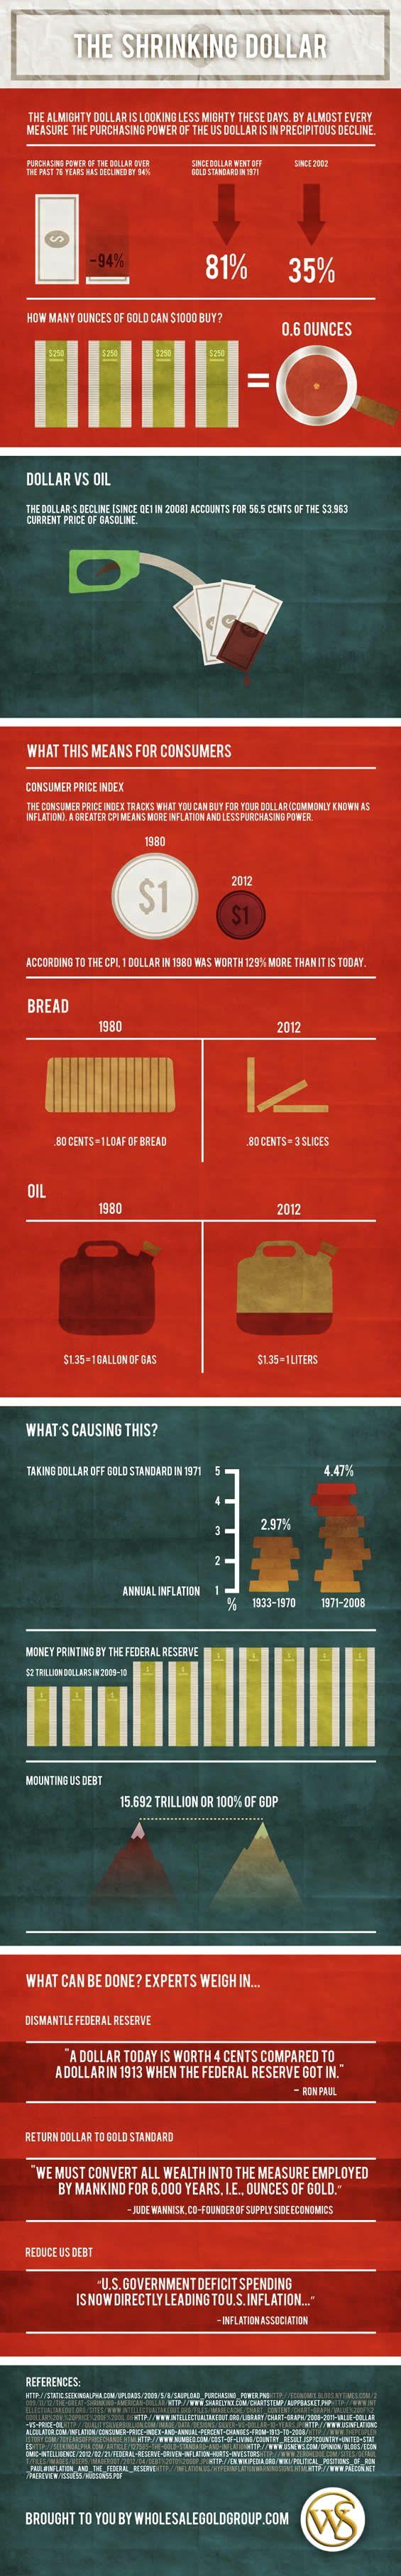 Infografía sobre la pérdida de valor del dólar estadounidense